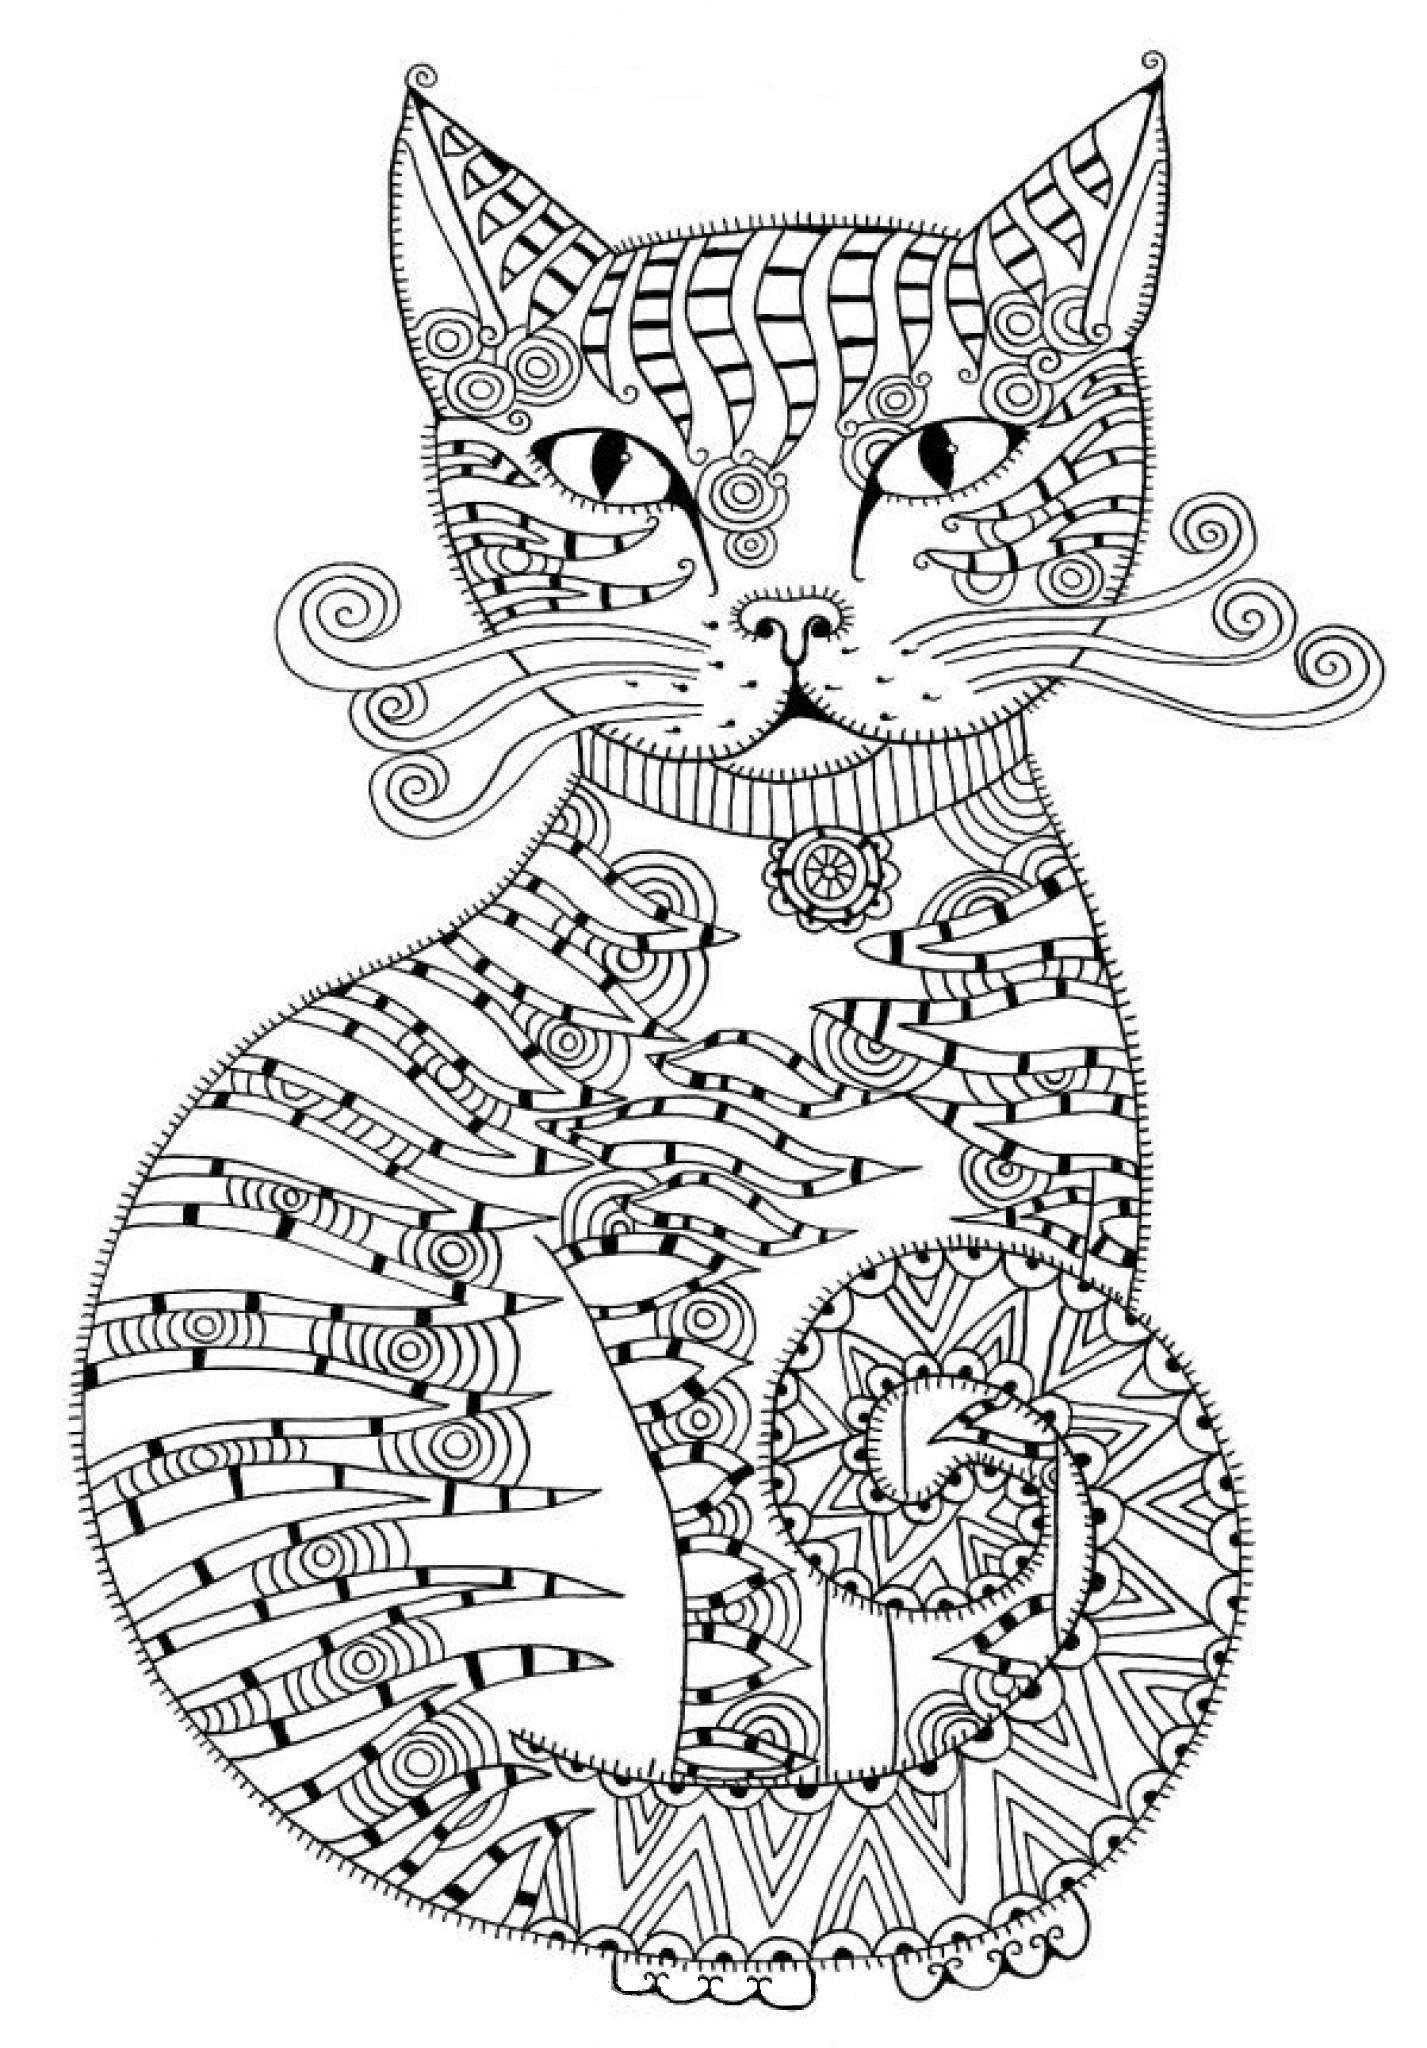 Ажурные трафареты котов | Котеко | Adult Coloring Pages | Pinterest ...